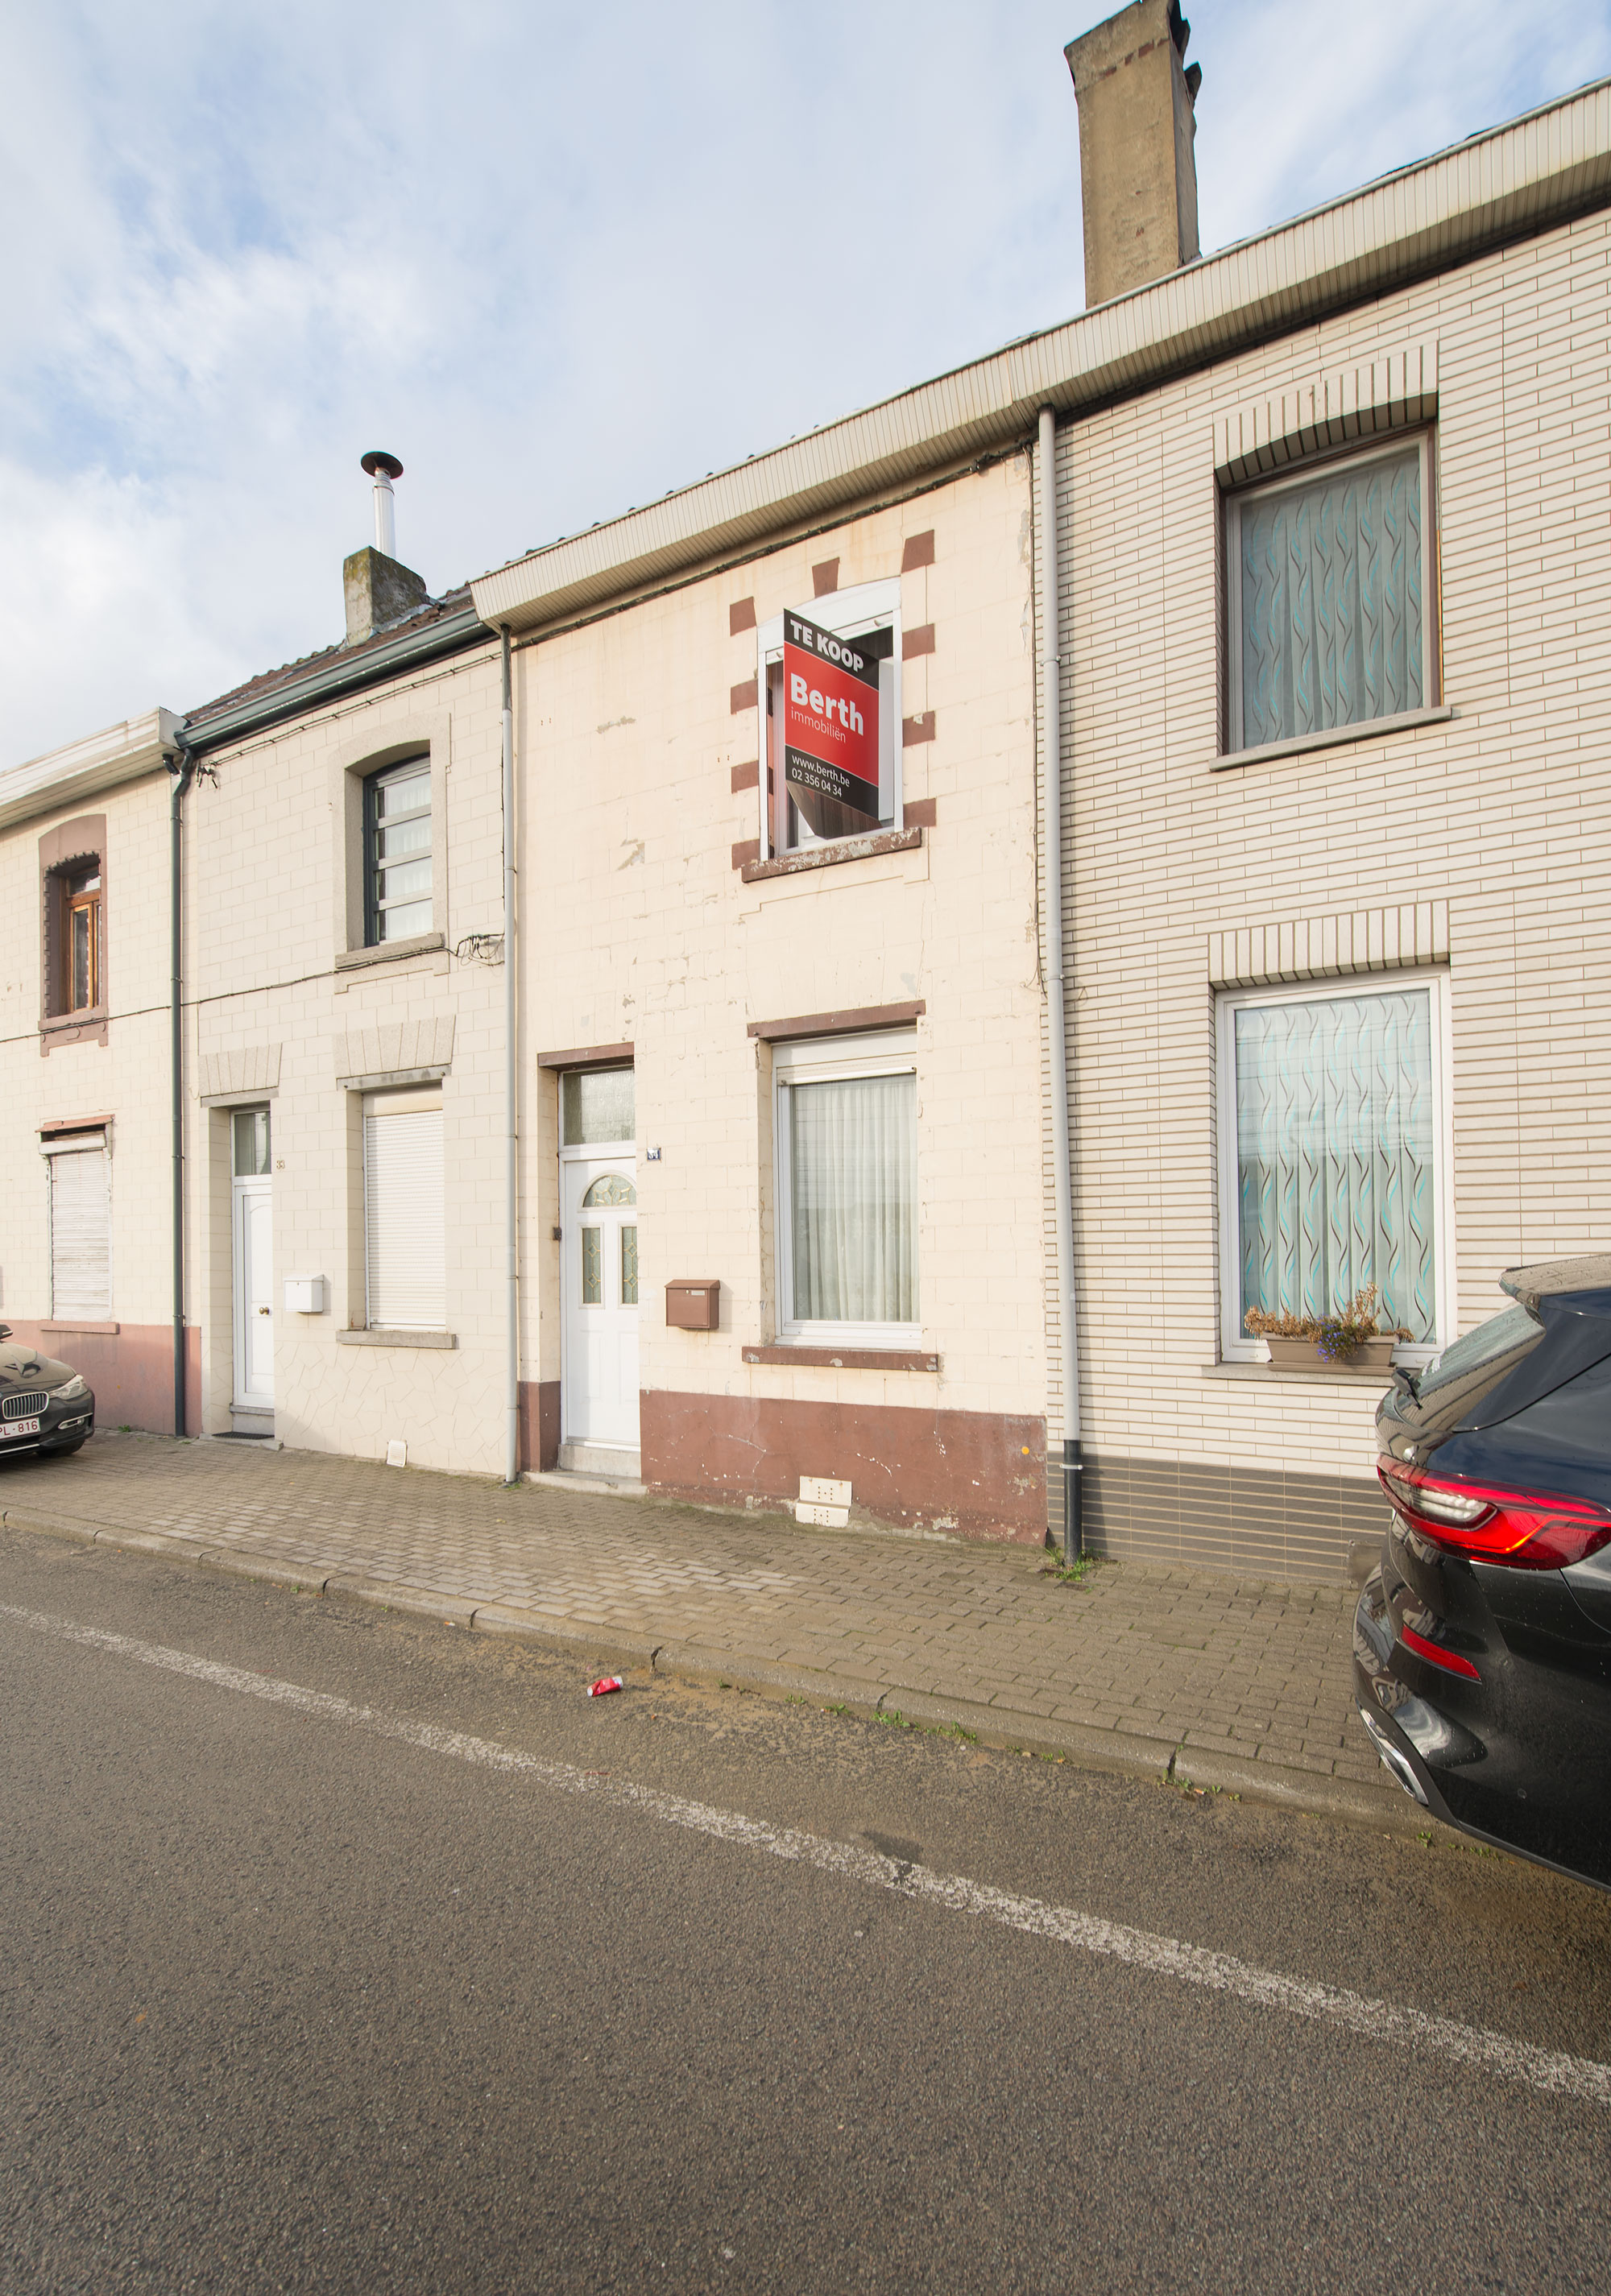 Ruisbroek